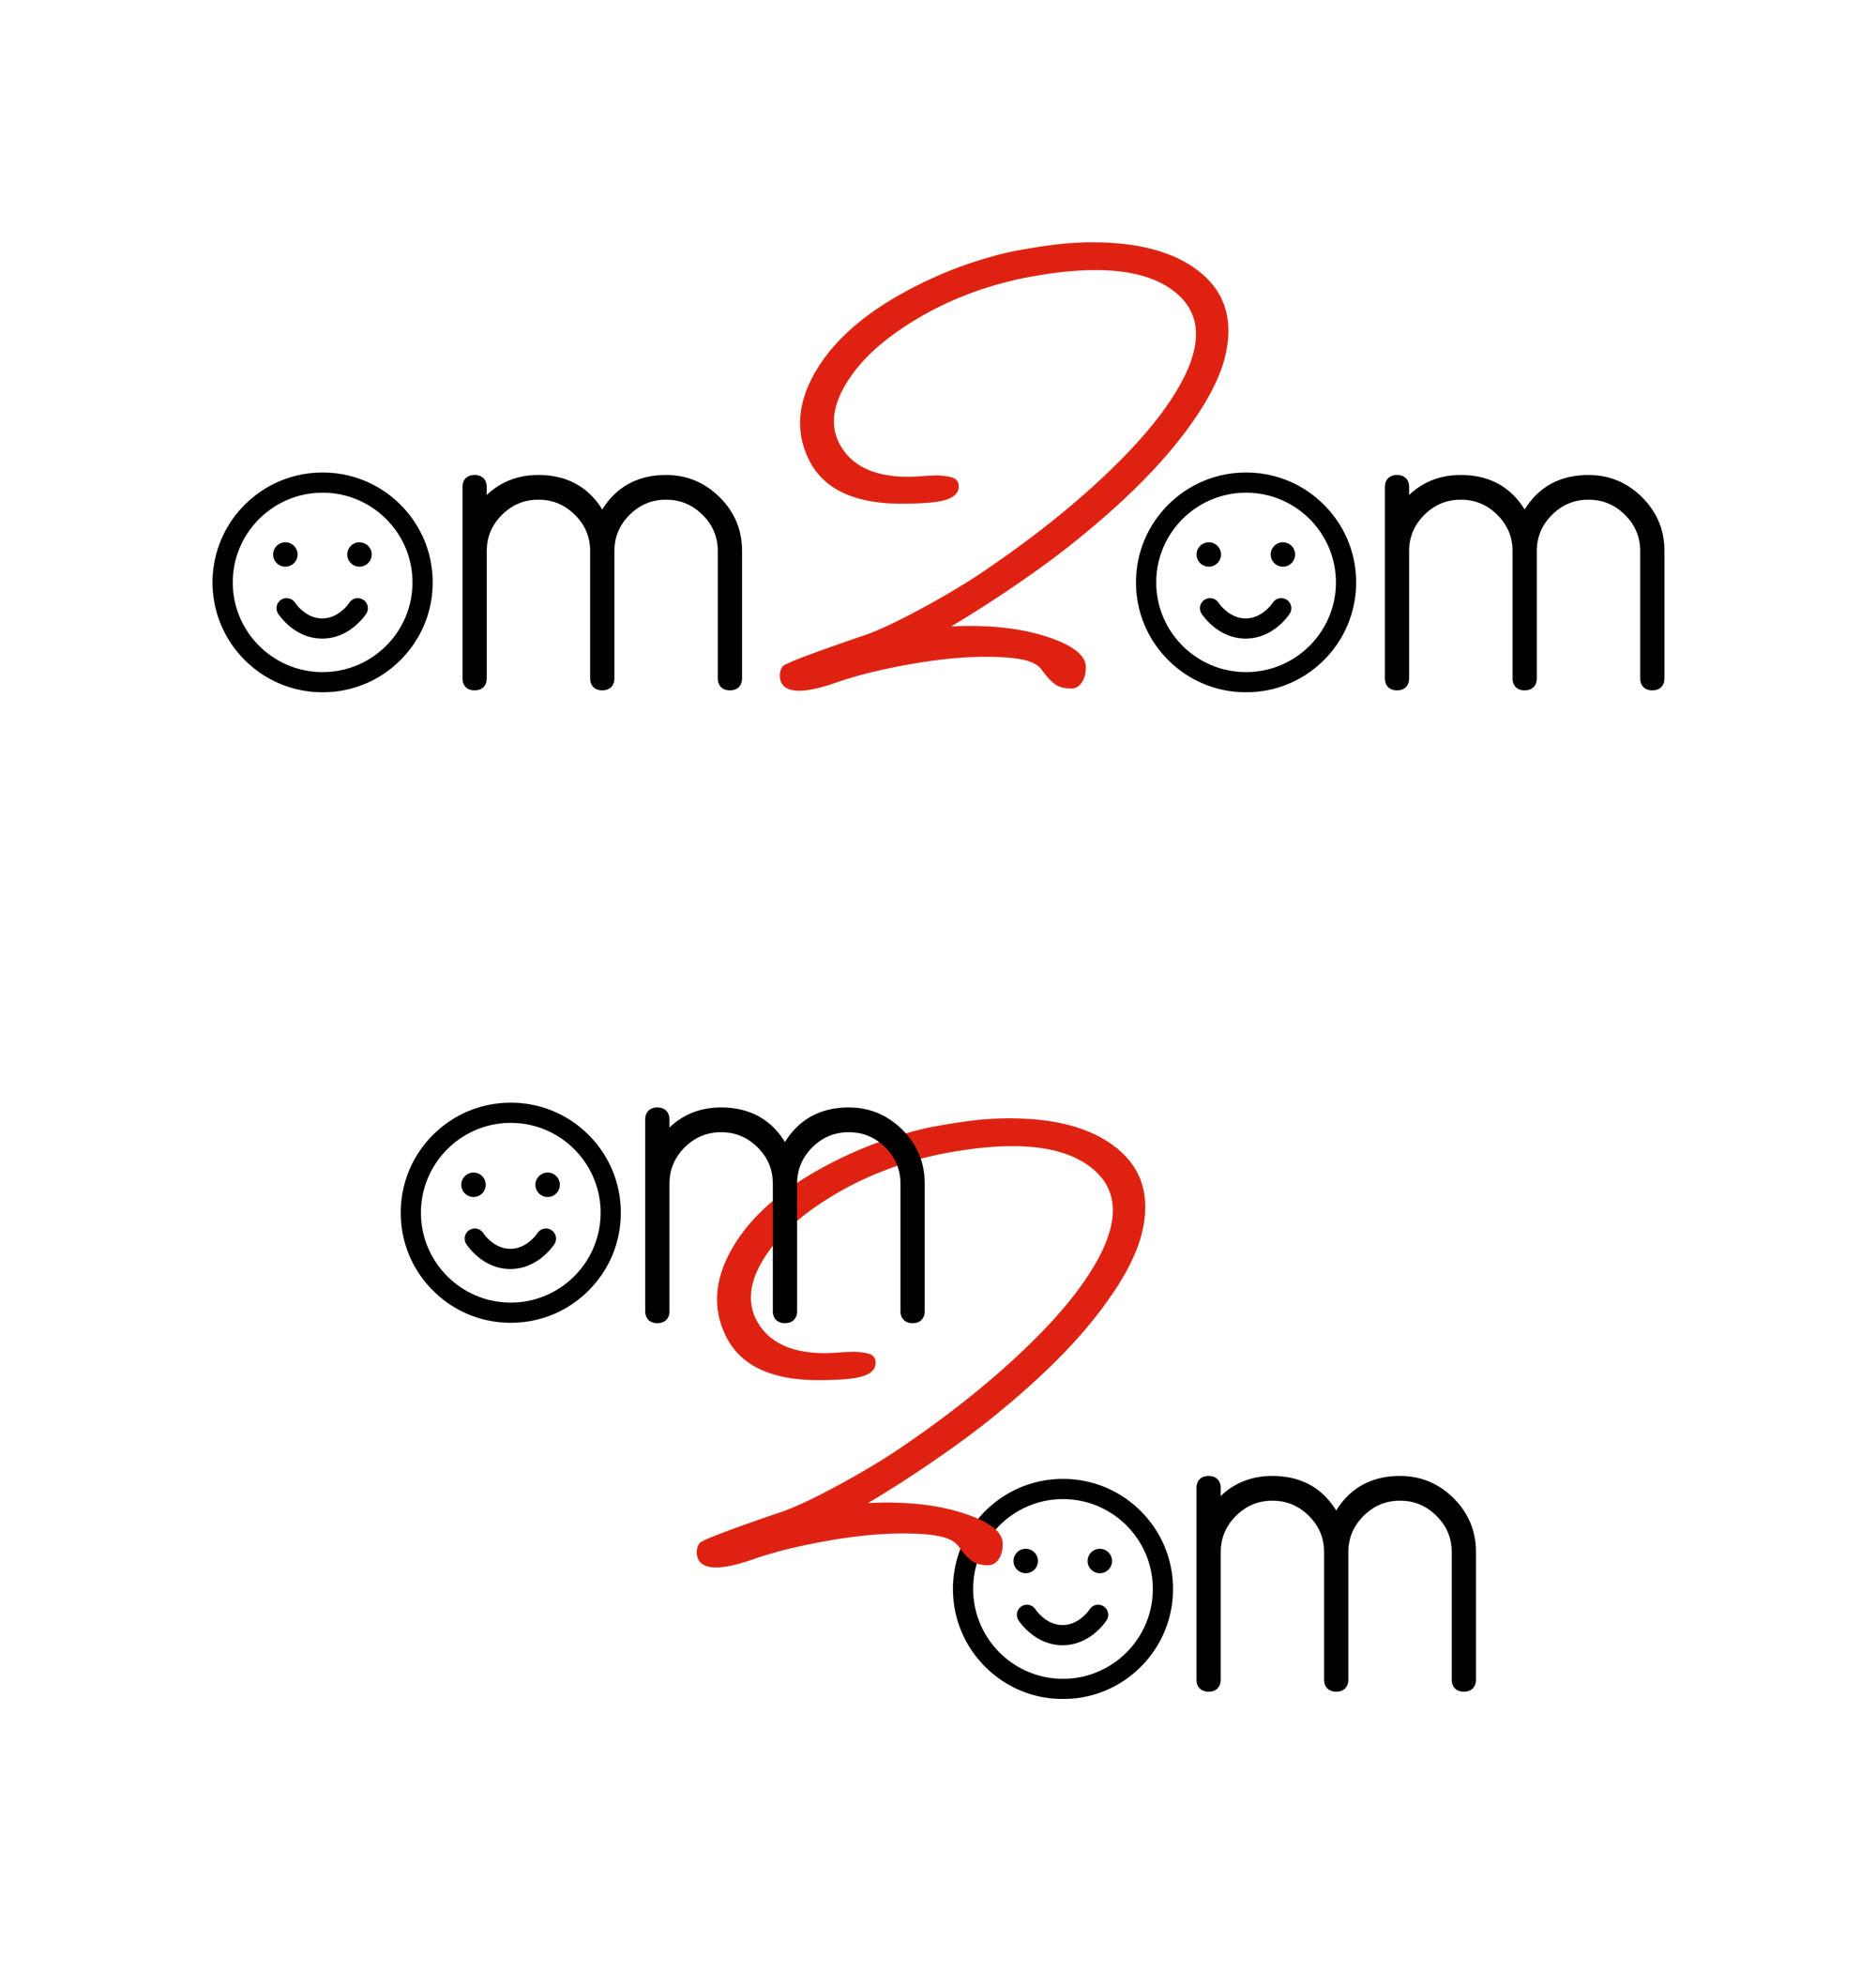 Разработка логотипа для краудфандинговой платформы om2om.md фото f_3495f588a4f9254f.jpg